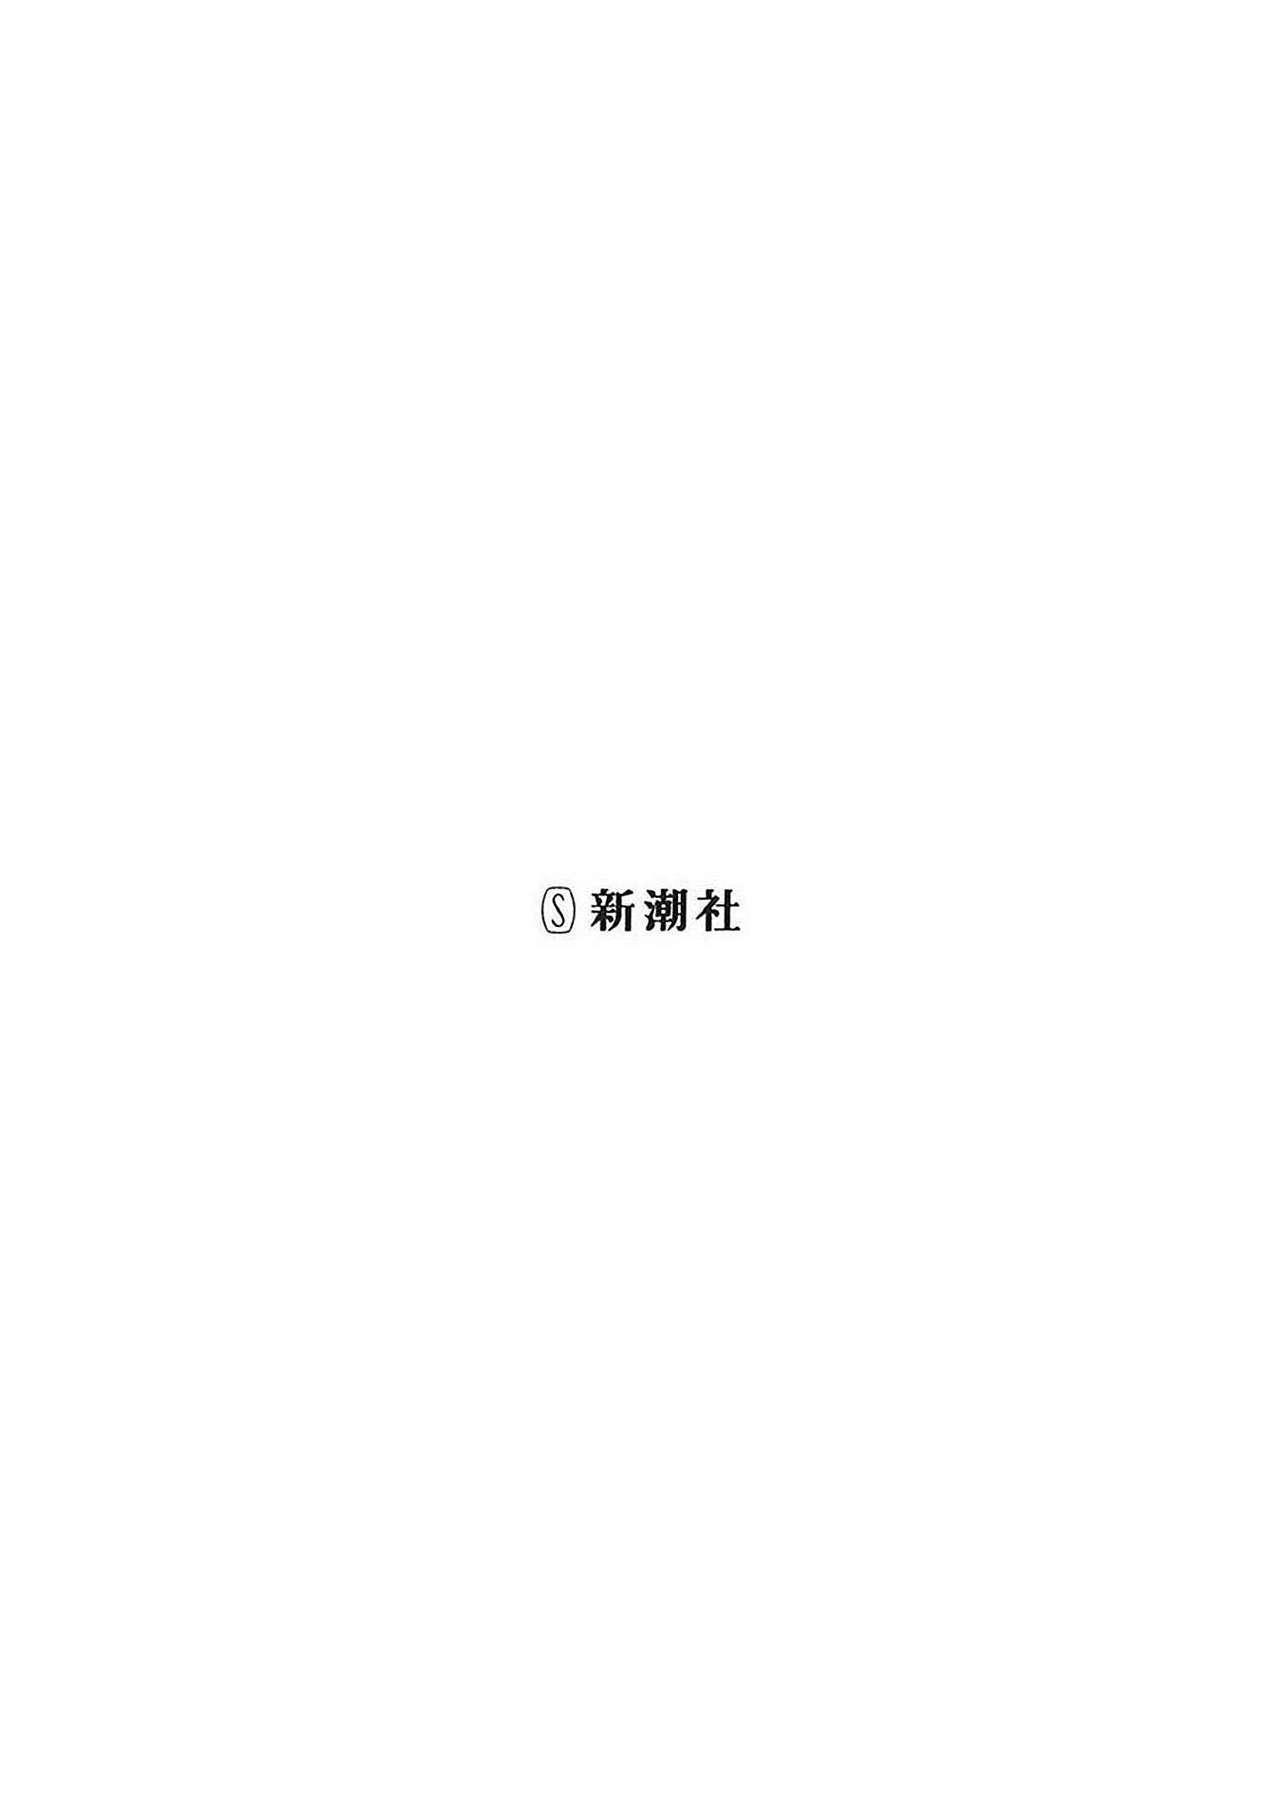 JK Haru wa Isekai de Shoufu ni Natta 1-14 178